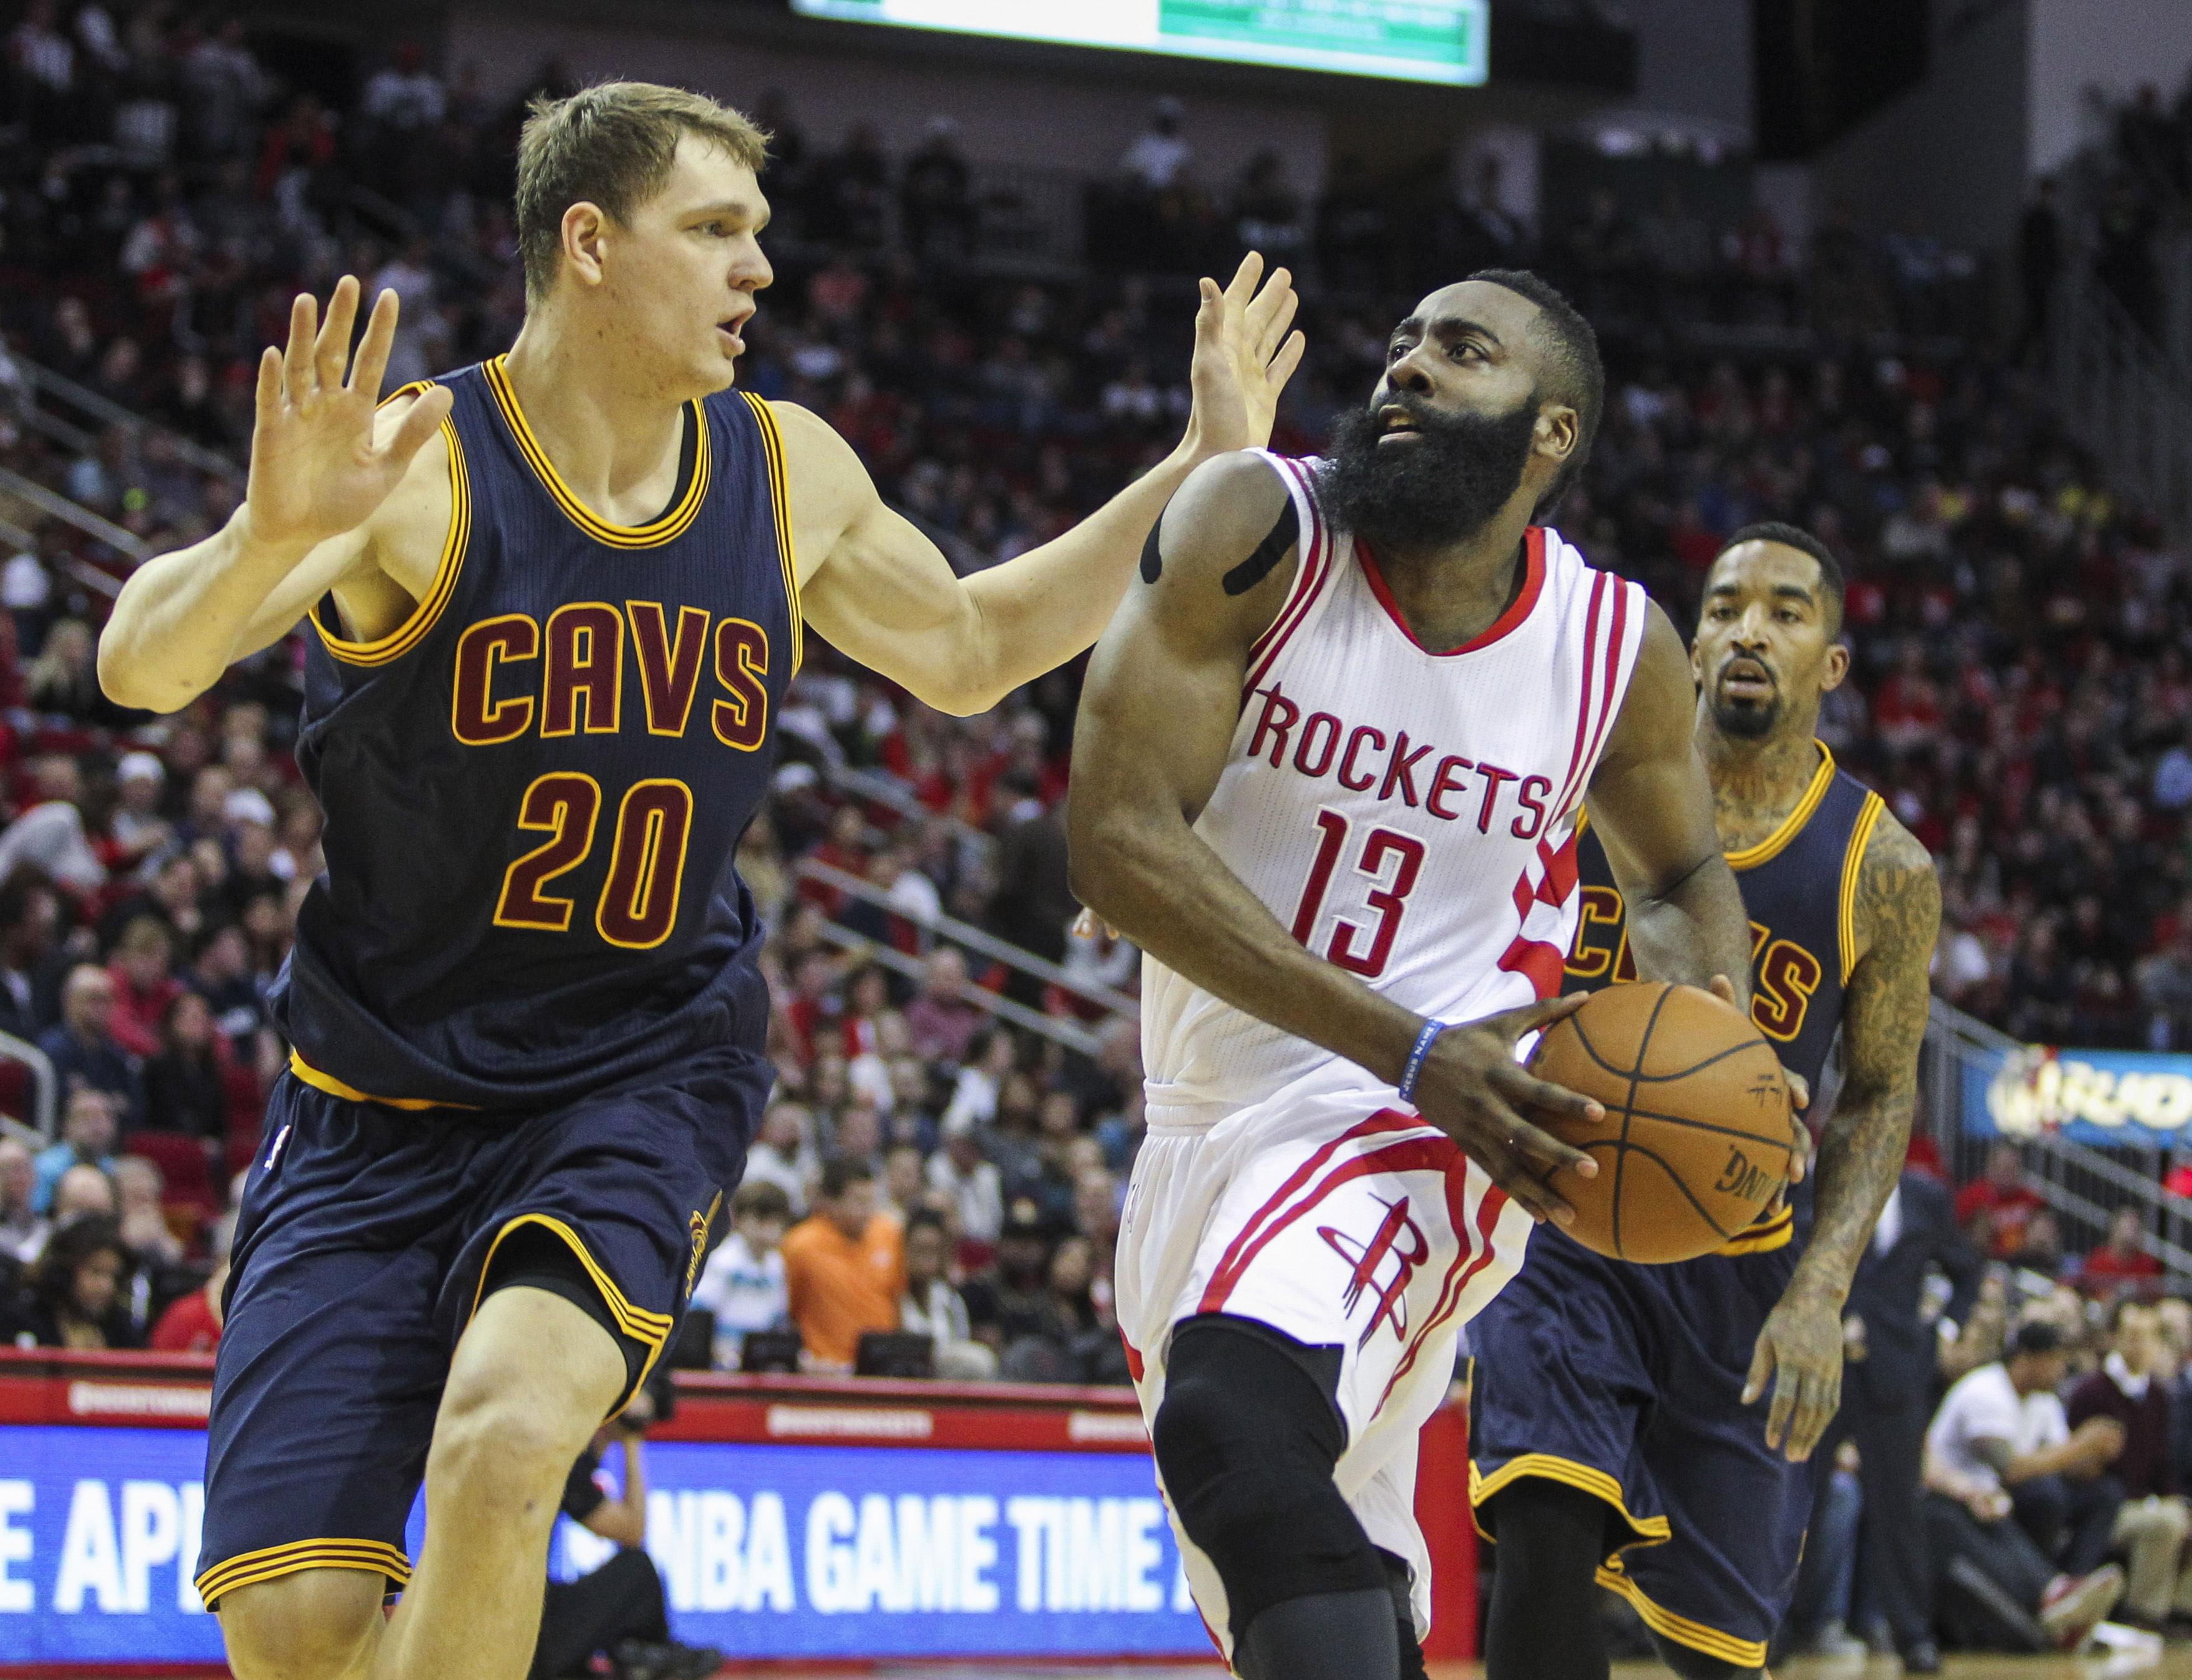 Cavaliers vs. Rockets final score: James Harden tops LeBron James in wild overtime thriller